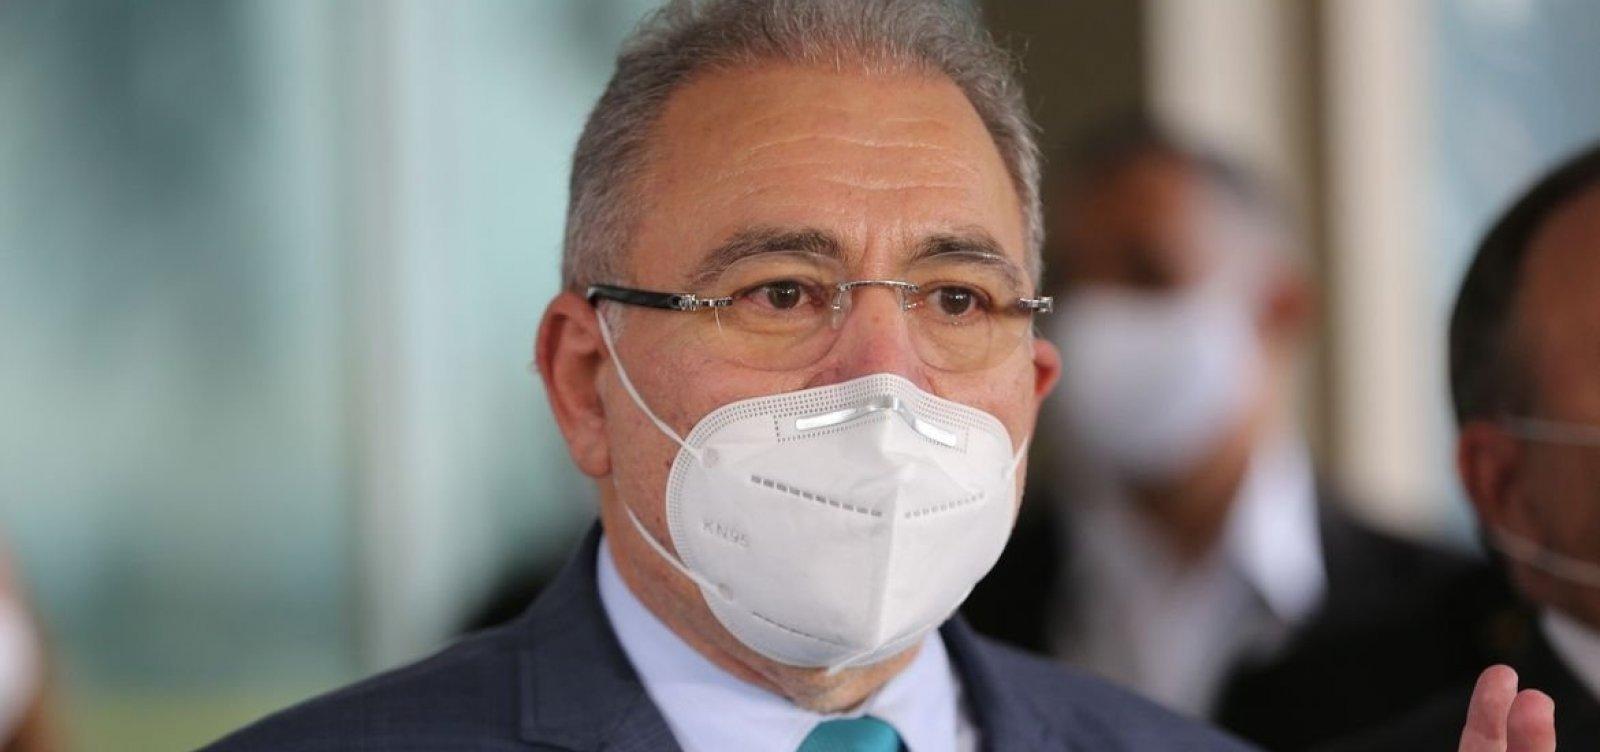 Queiroga deve ser convocado para depor novamente na CPI da Covid, avaliam senadores